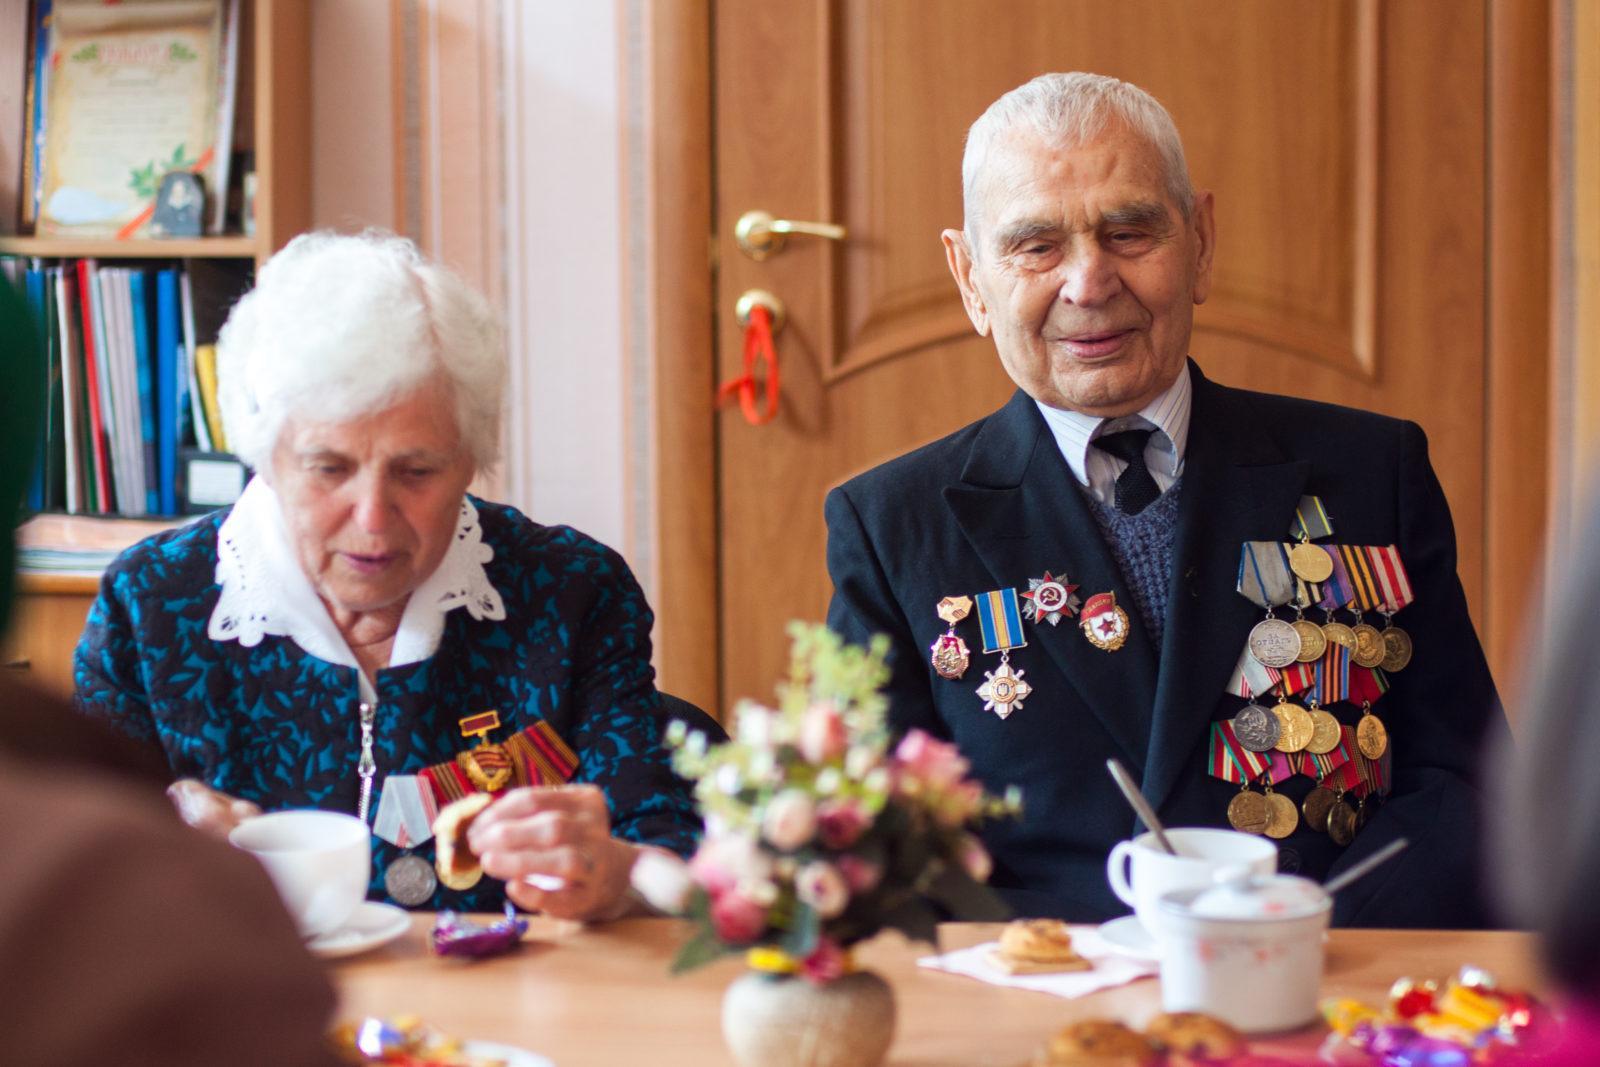 Een oudere man en een vrouw zitten aan een tafel